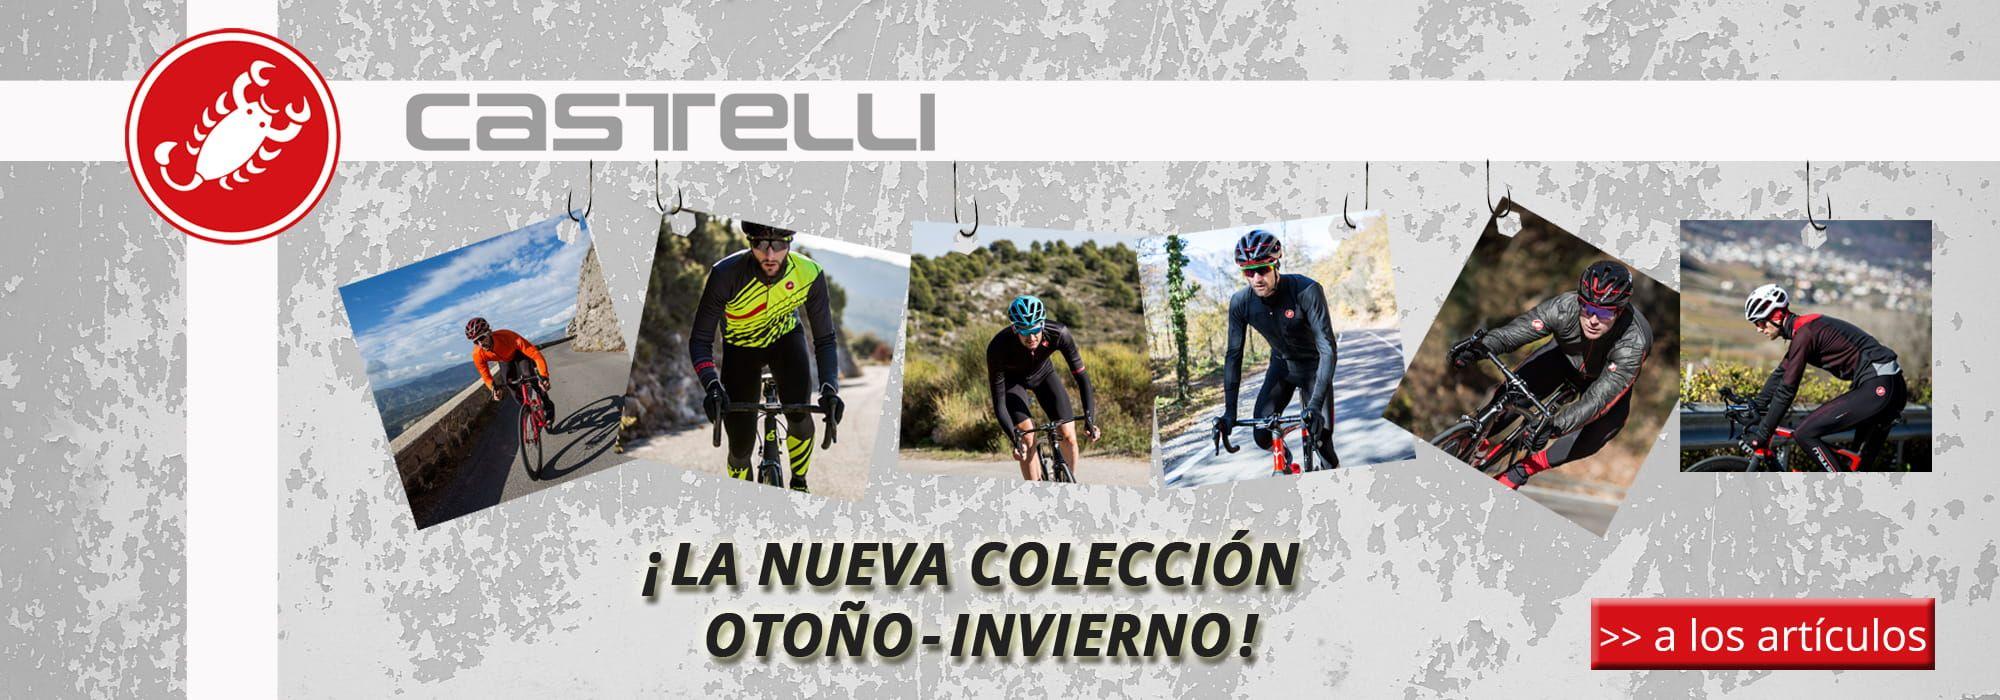 Otoño / invierno Castelli 2018 - ¡  La Nueva Coleccion Otoño / invierno !